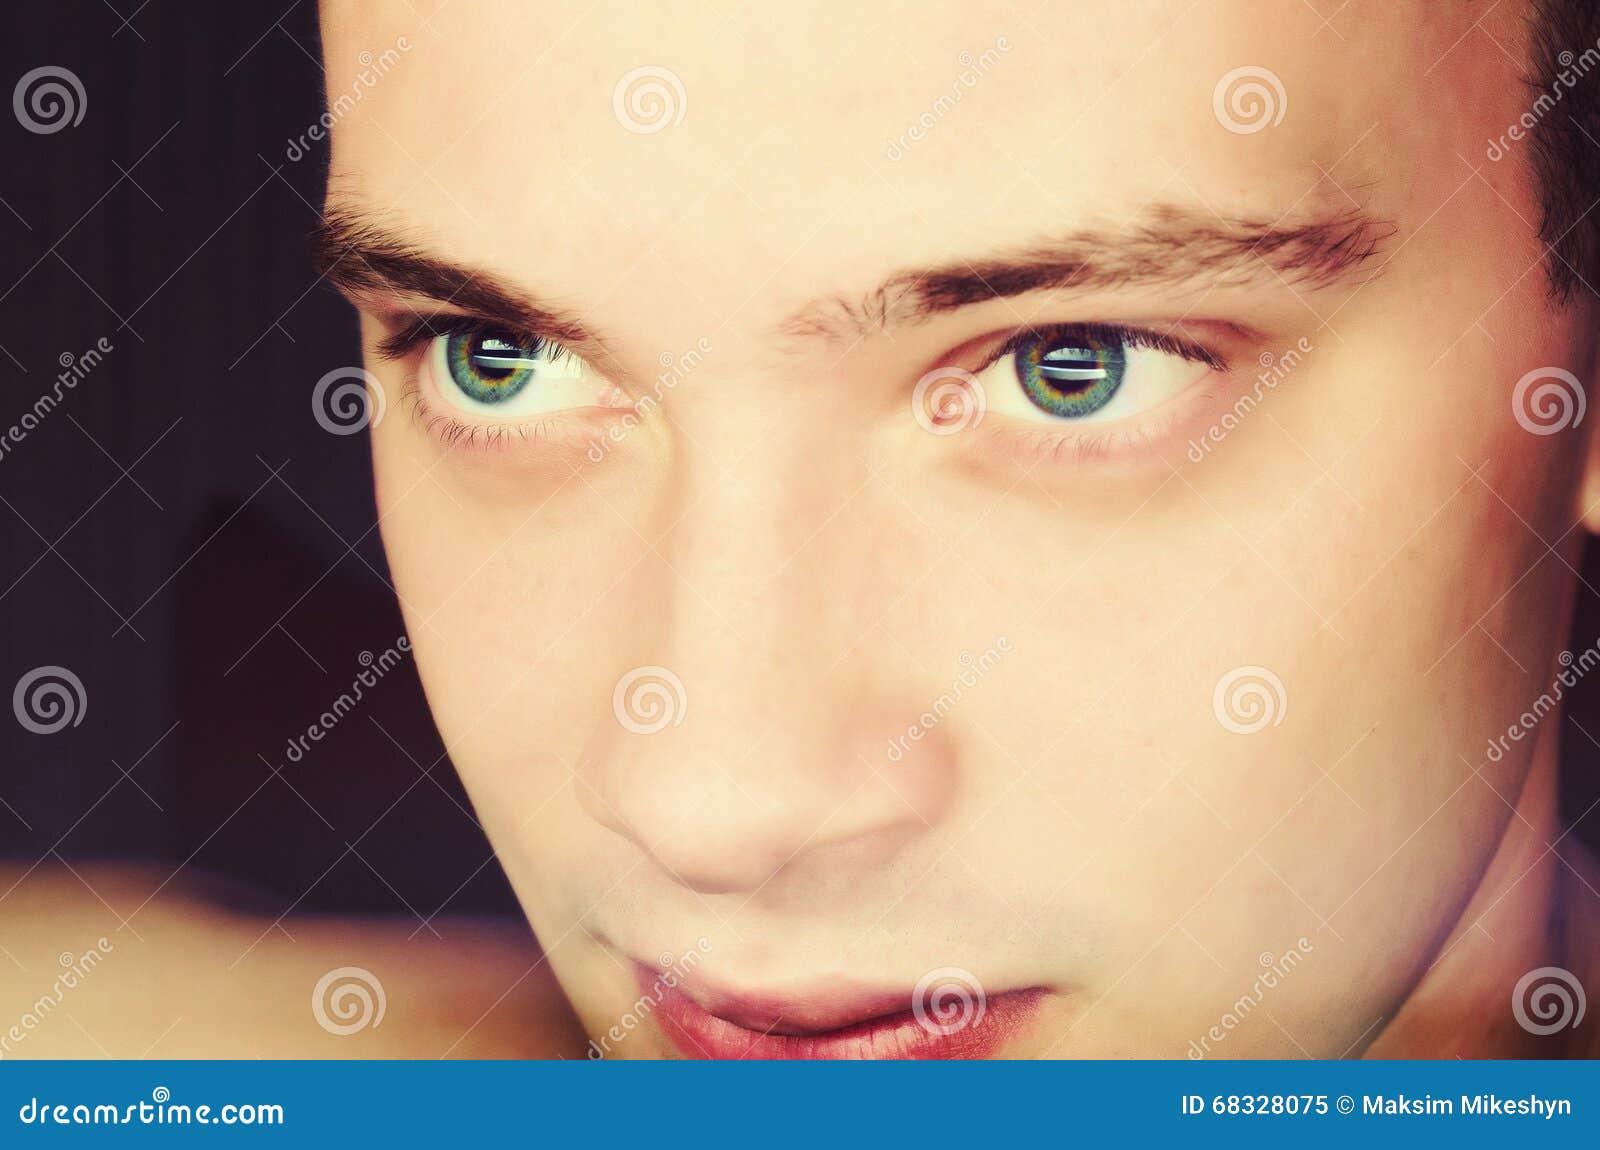 Портрет человека с выразительным